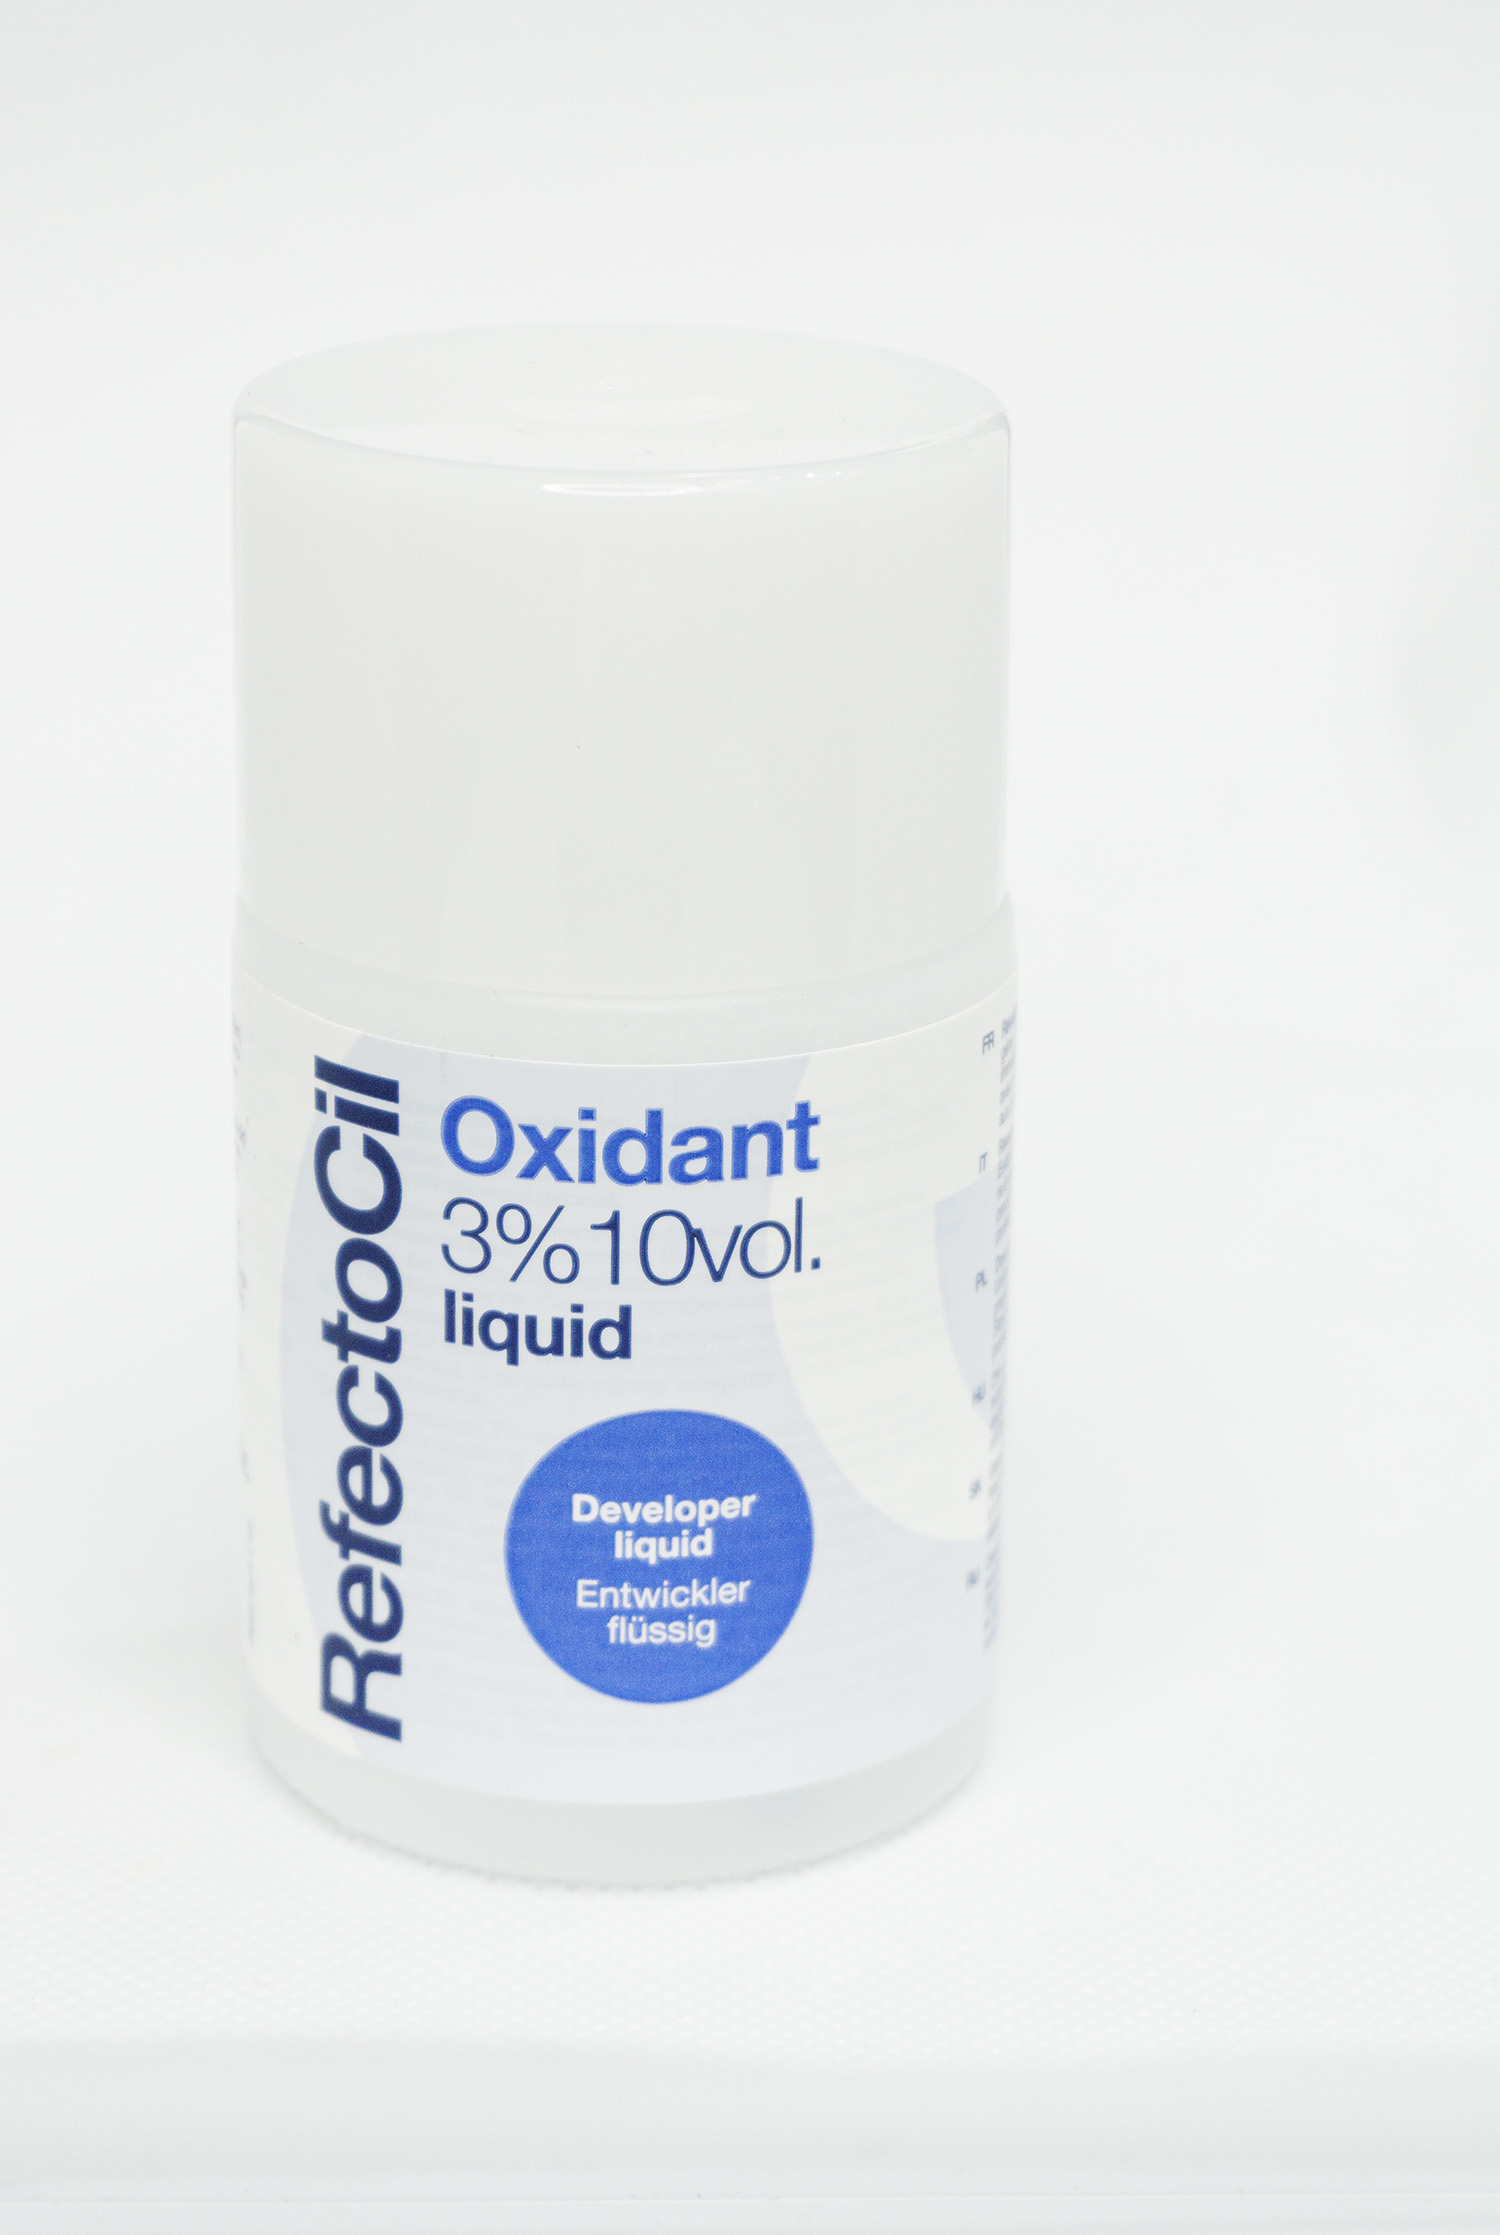 Oxidant